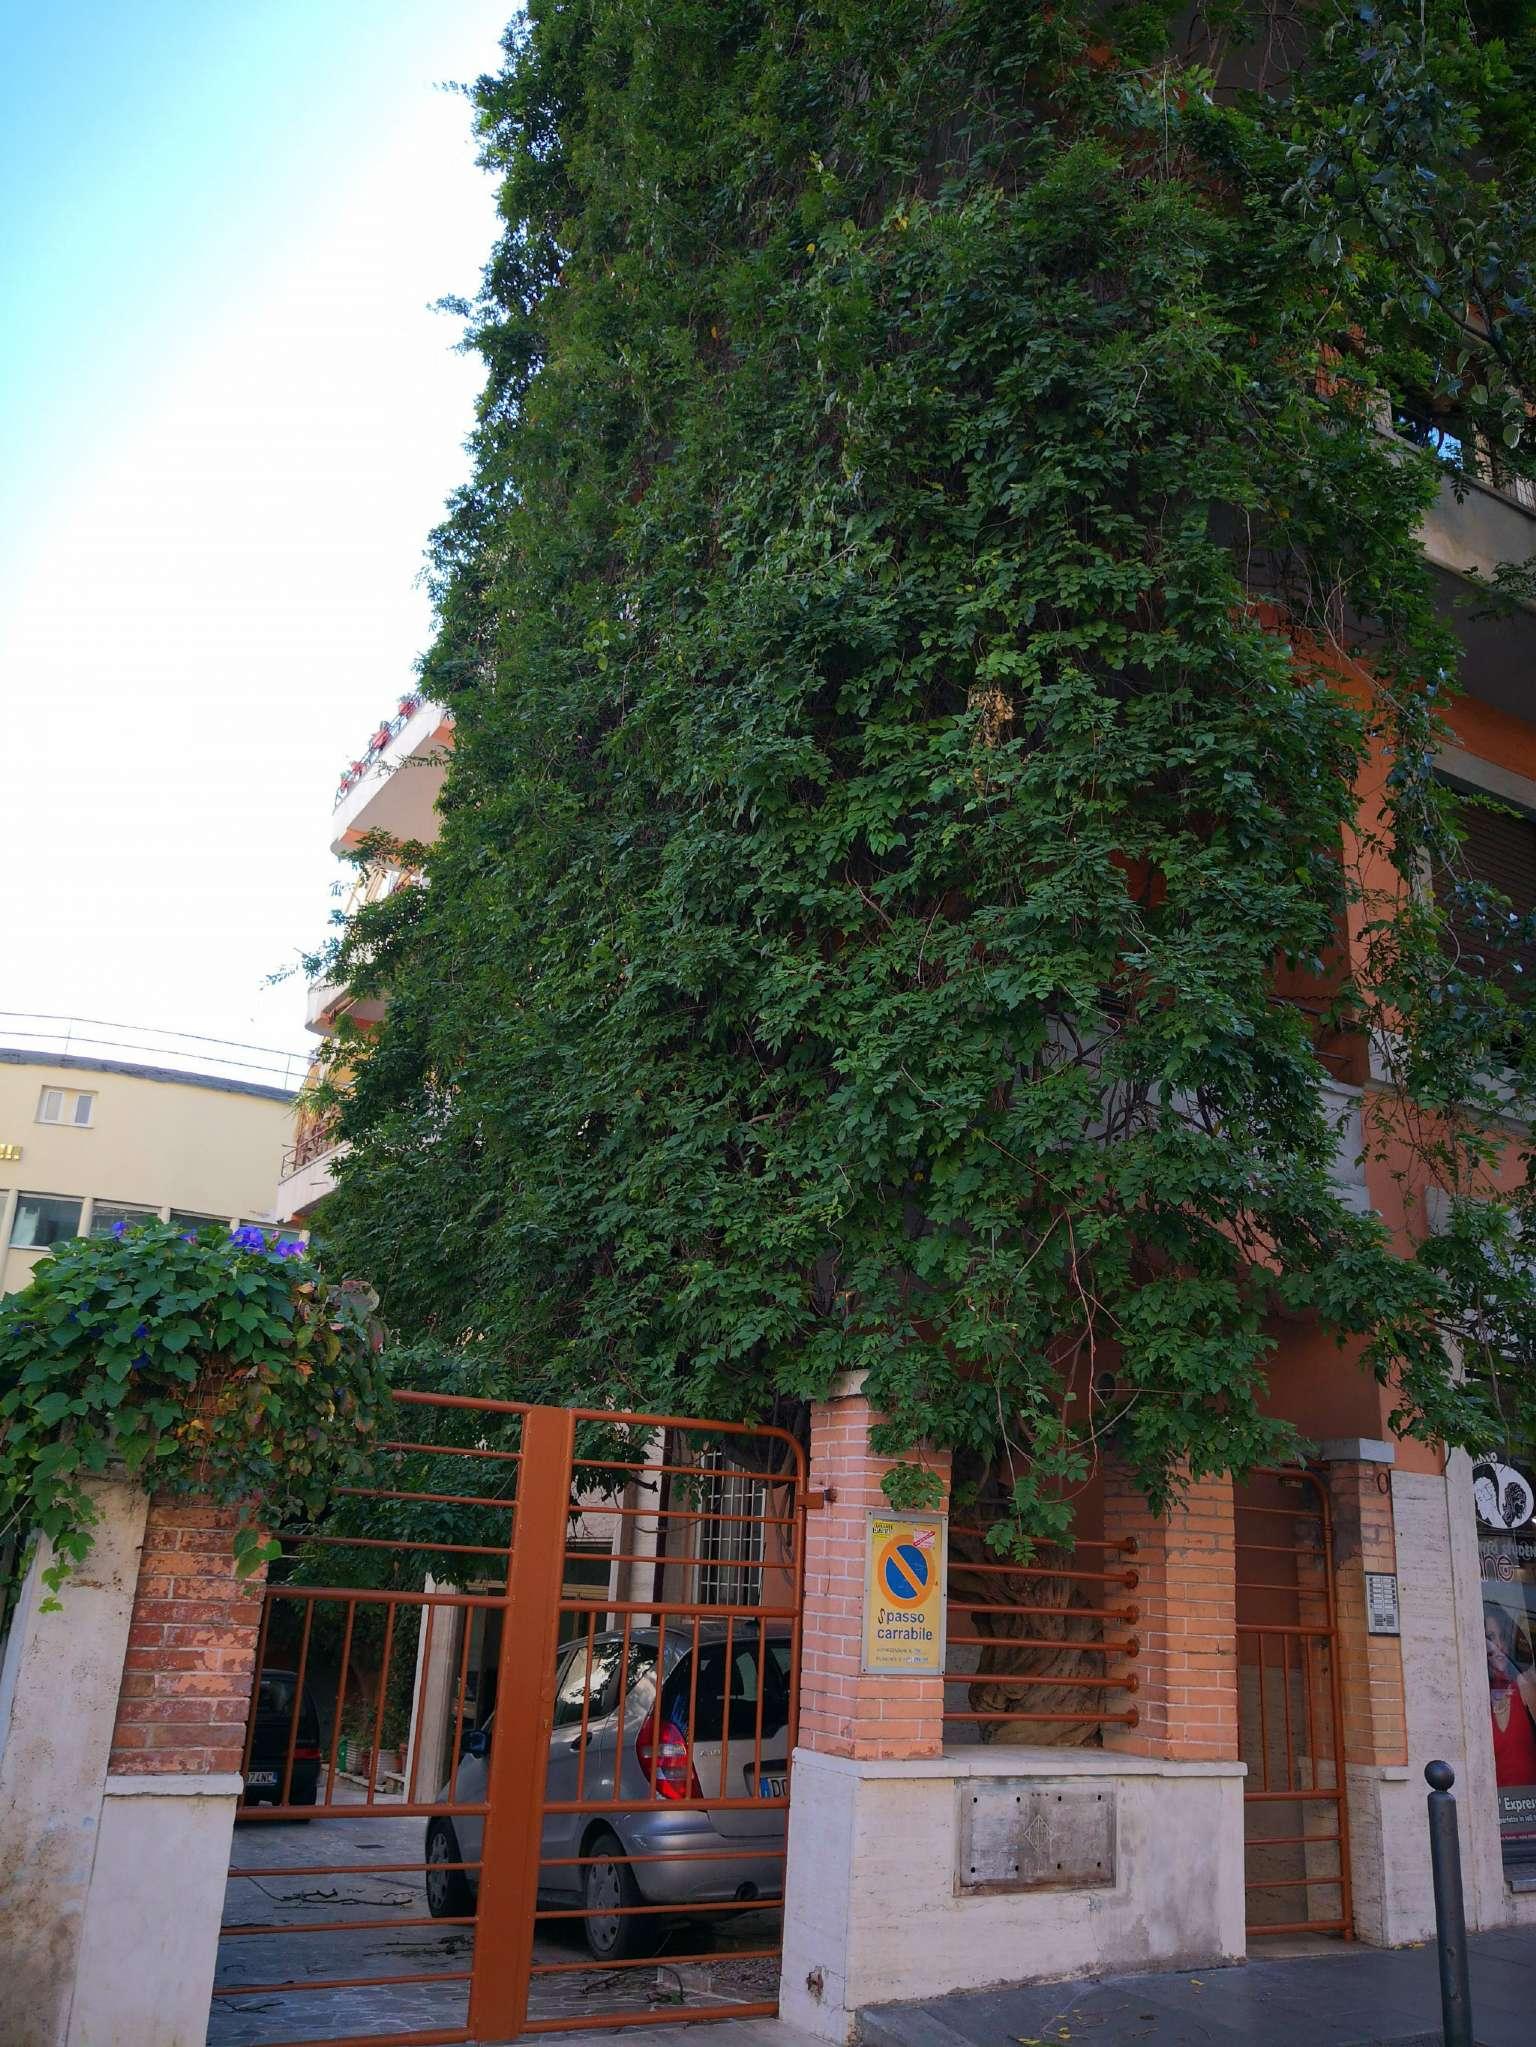 Appartamento in vendita a Roma, 6 locali, zona Zona: 4 . Nomentano, Bologna, Policlinico, prezzo € 699.000 | CambioCasa.it